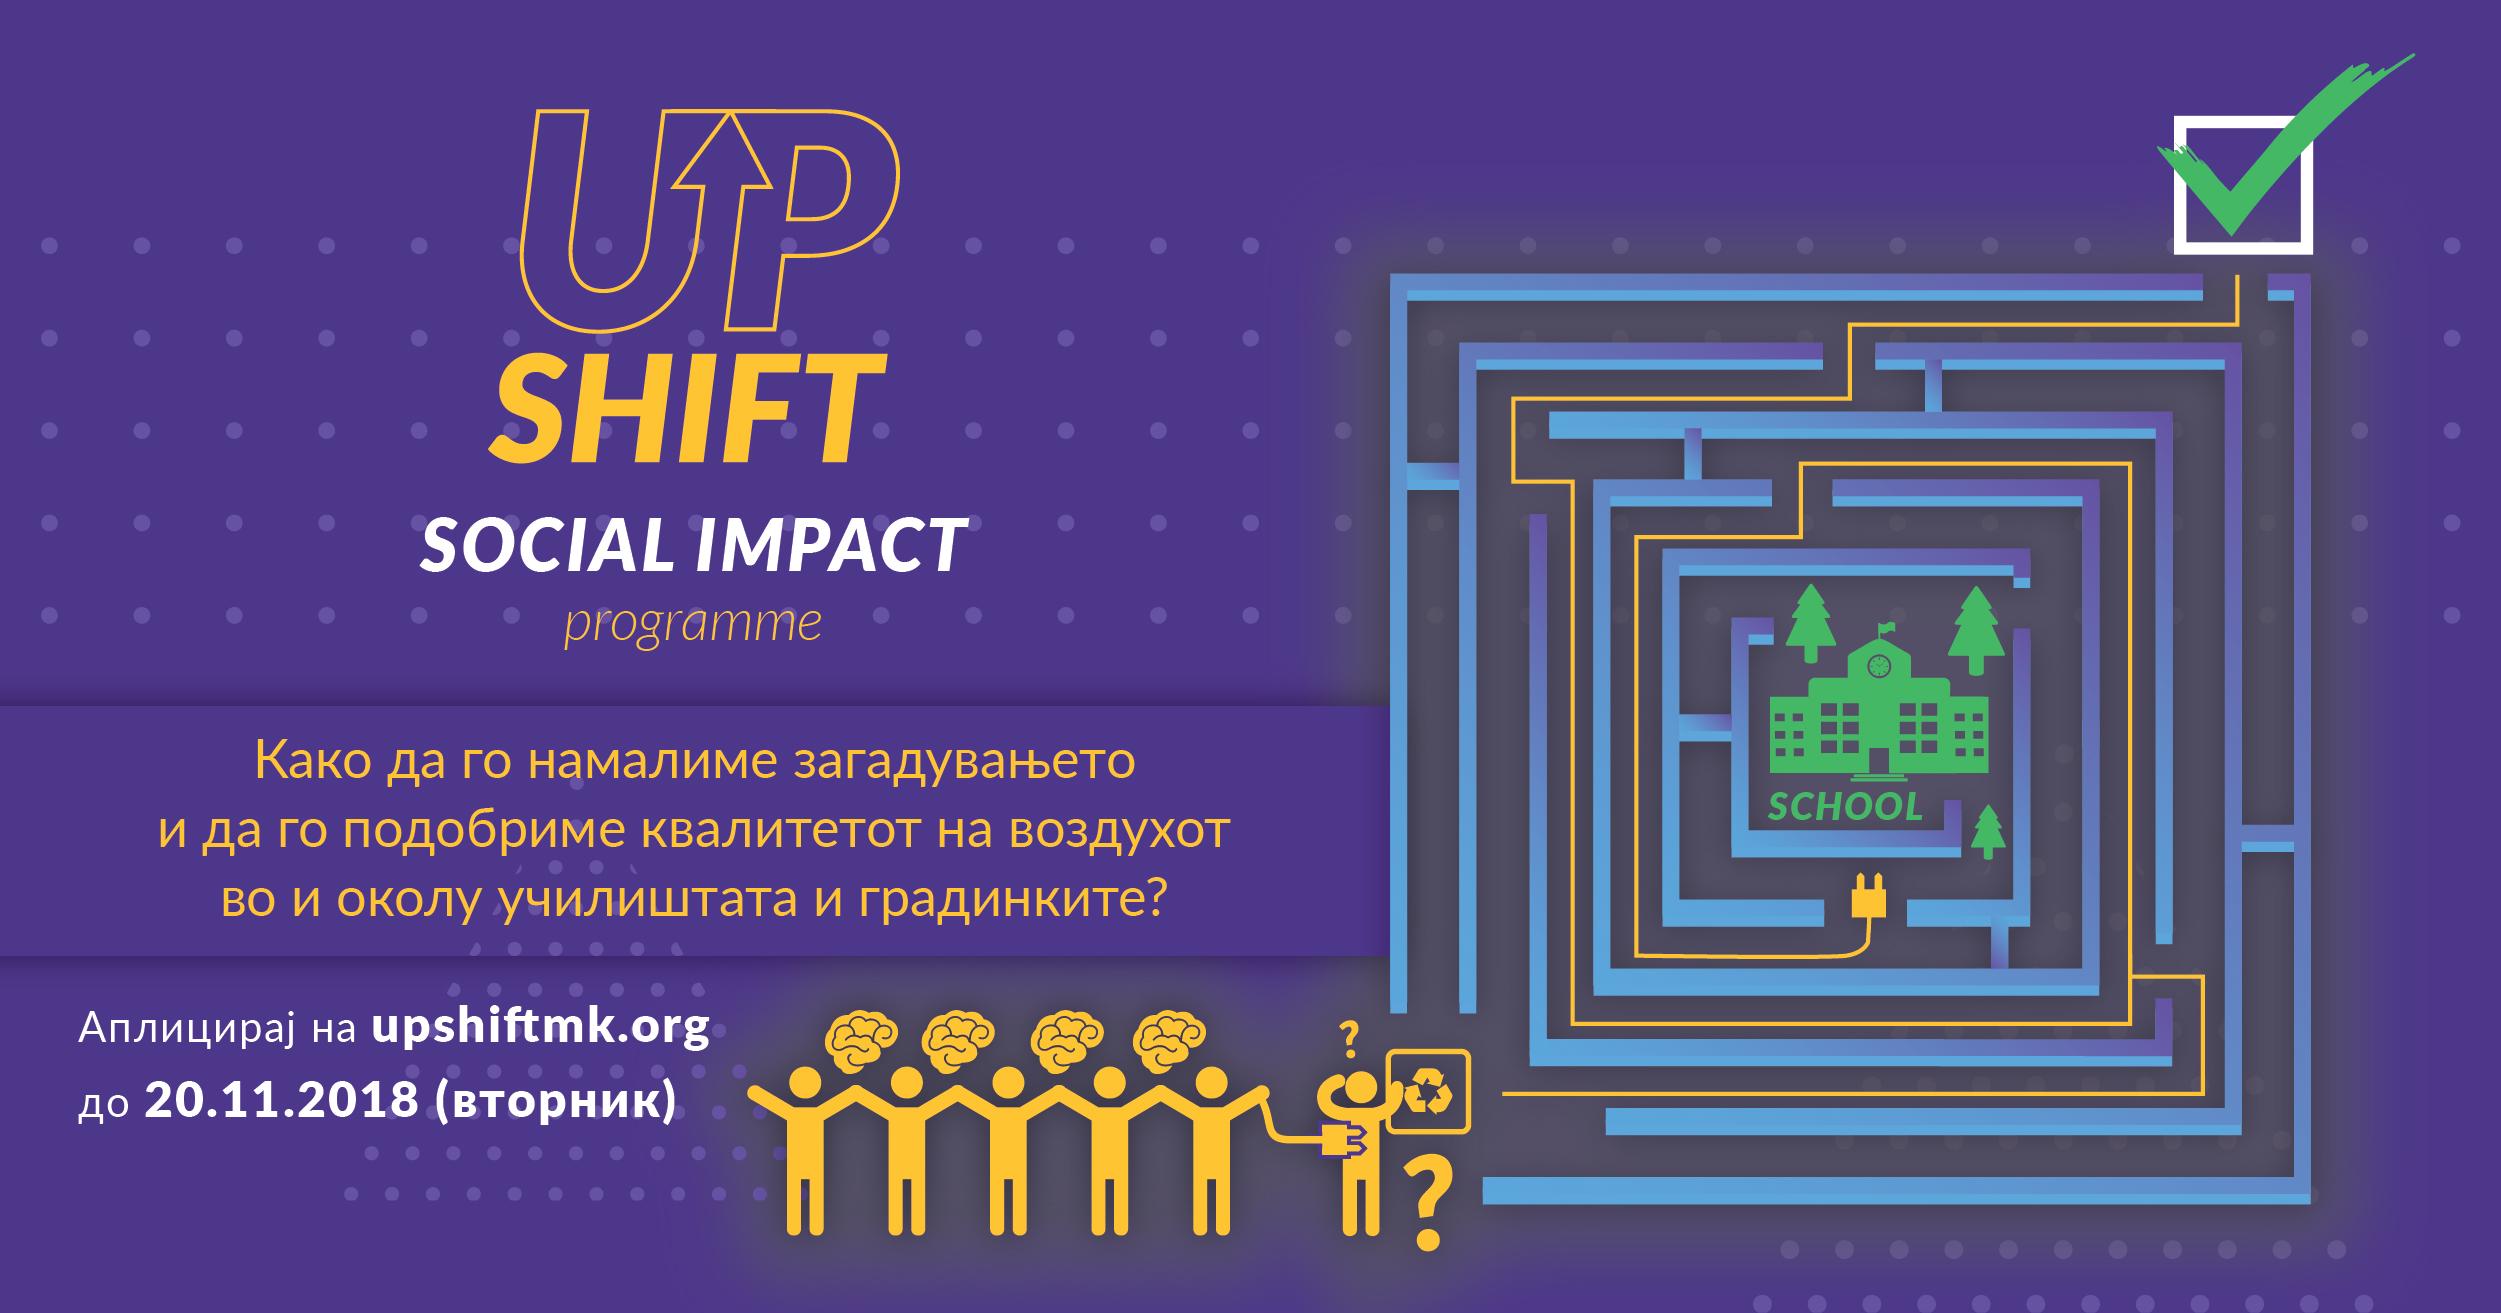 UP SHIFT - заштита од загадување ново 1